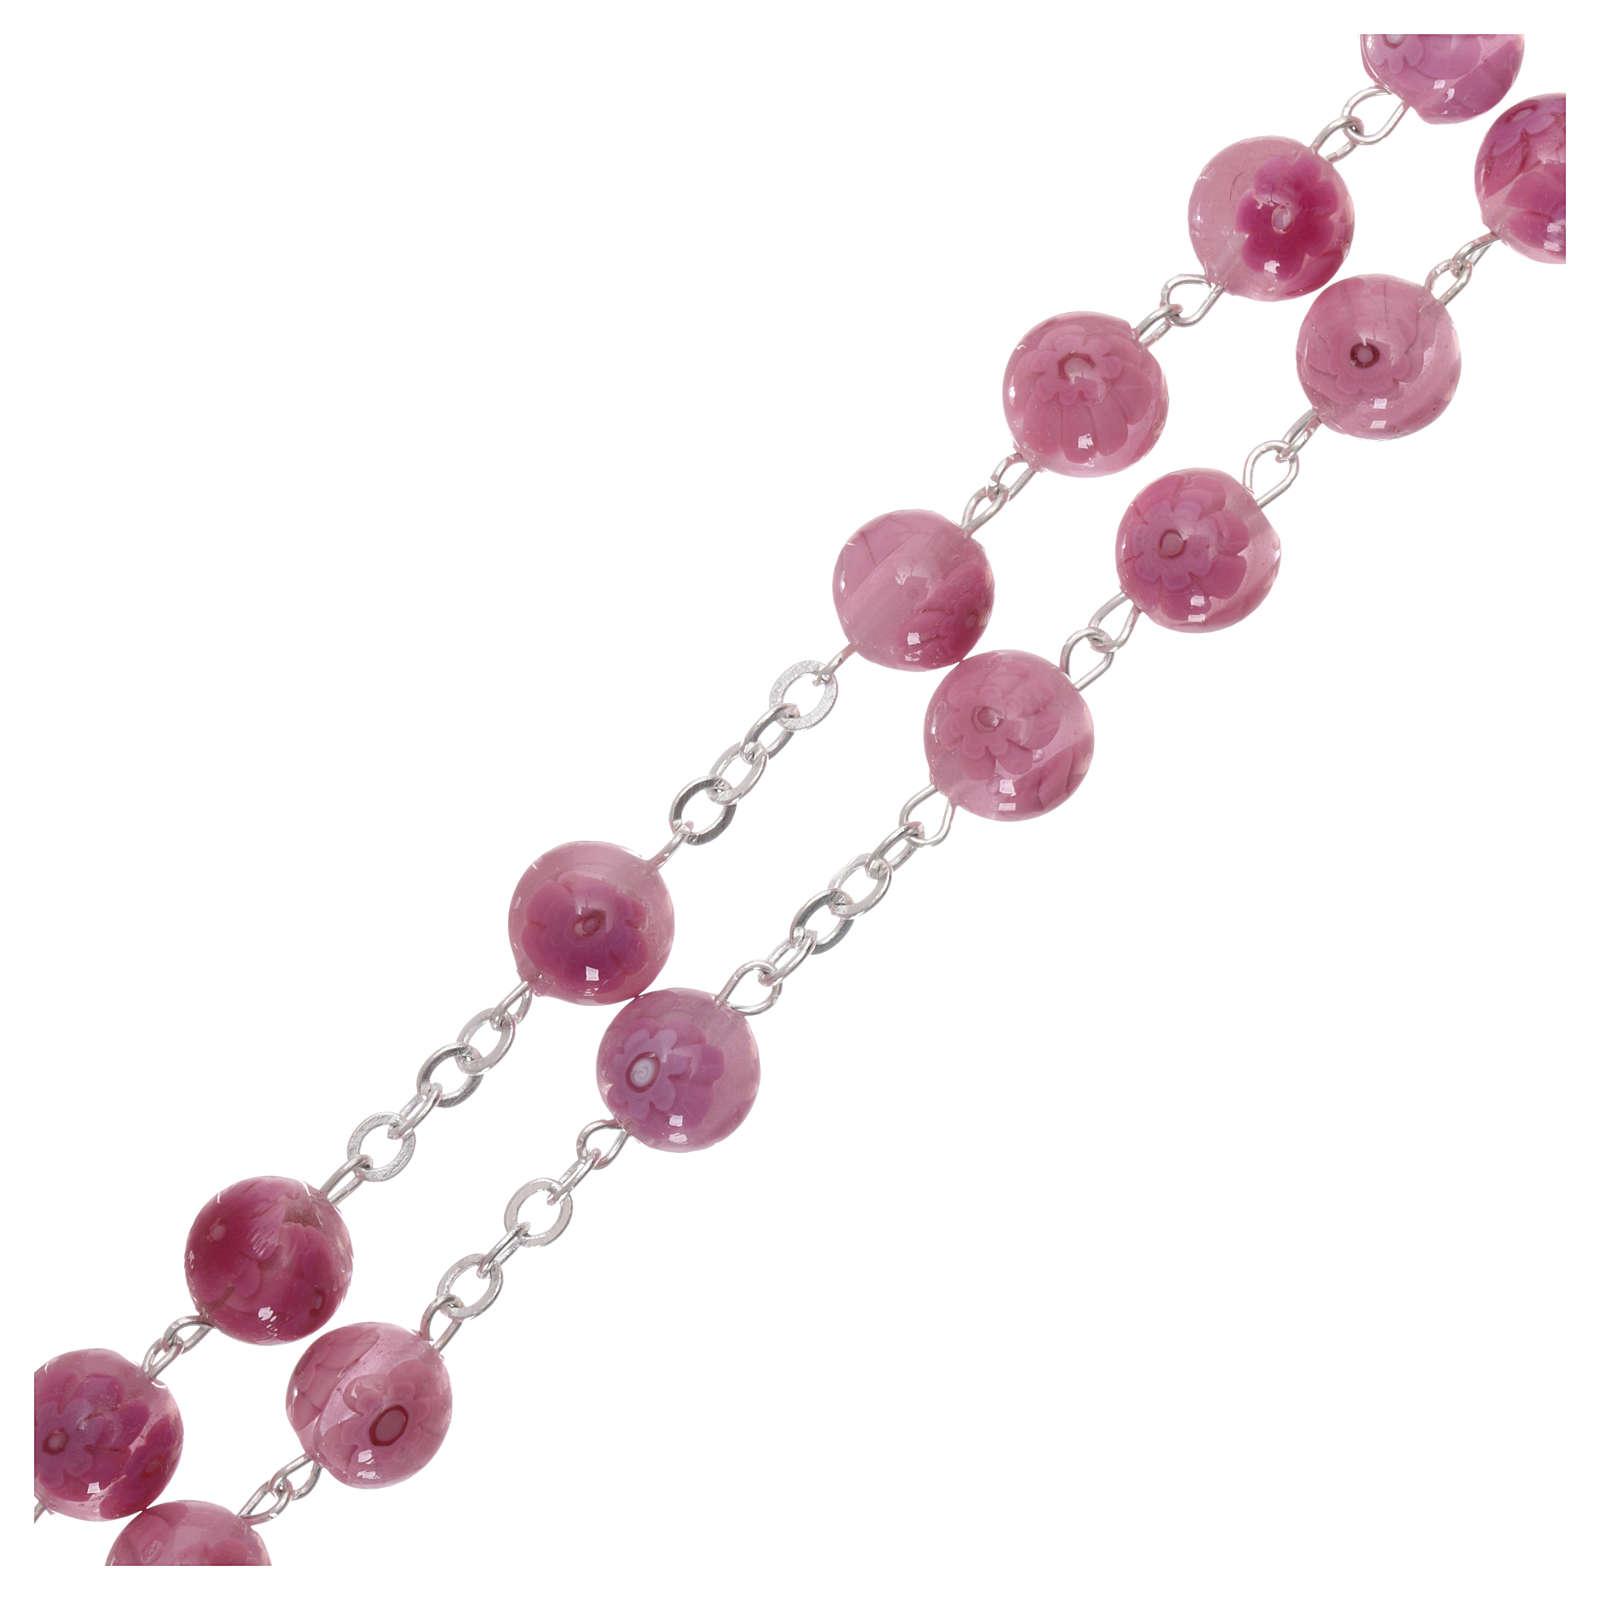 Rosario in vetro di Murano rosa con motivi floreali  8 mm 4